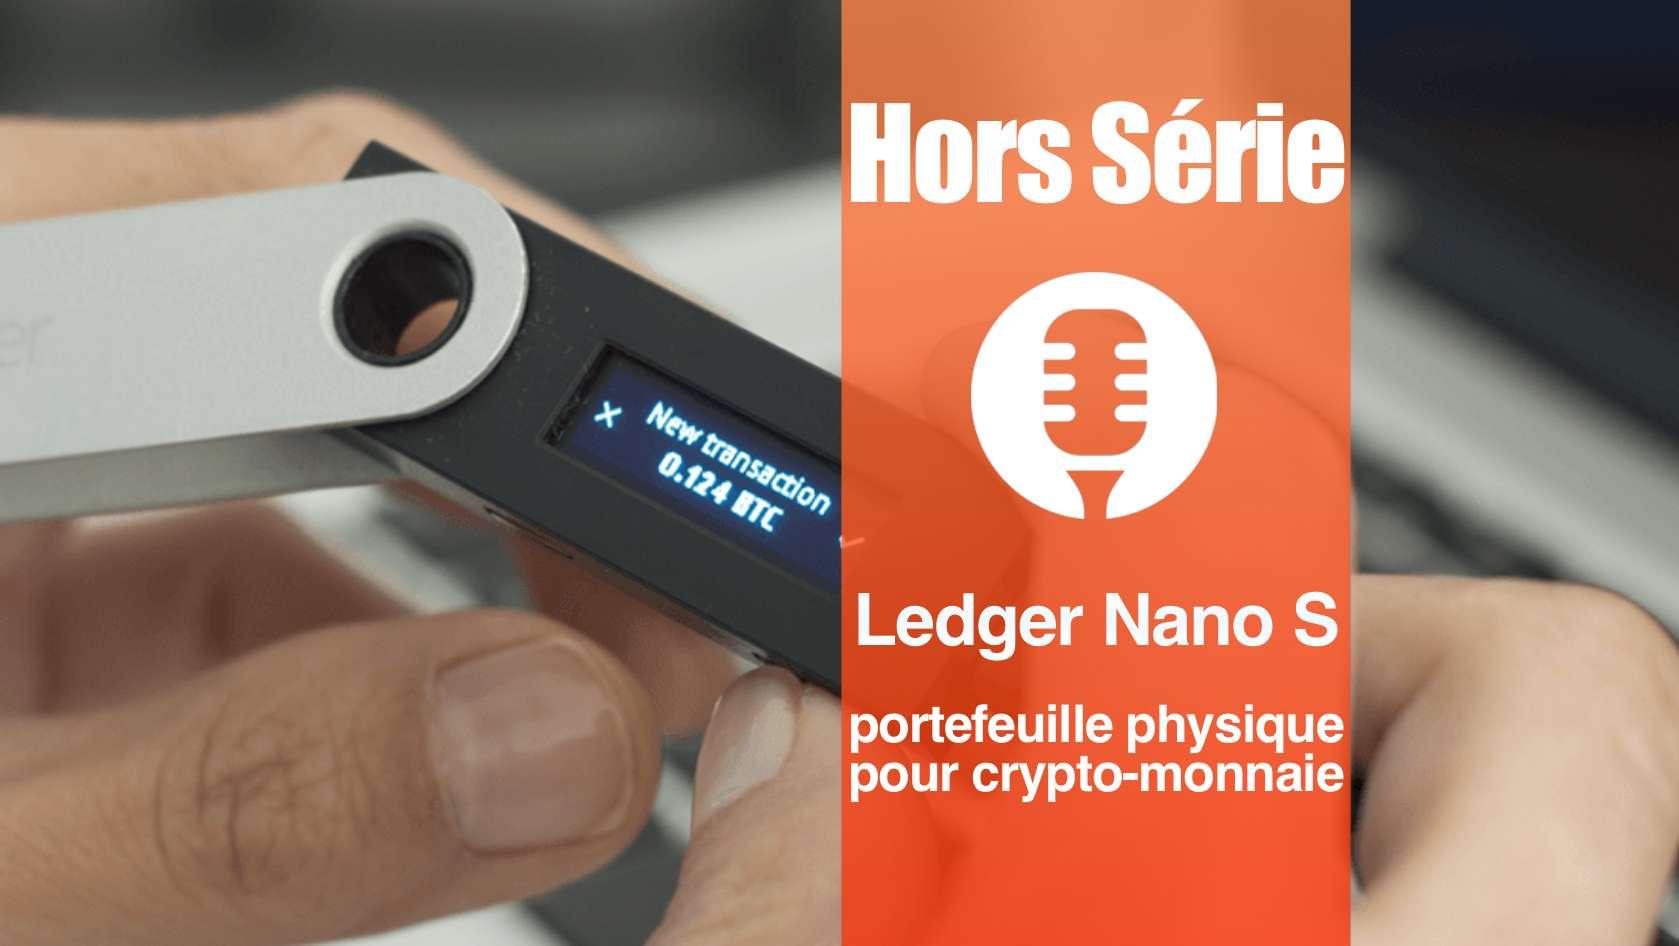 Ledger Nano S: portefeuille physique pour crypto-monnaie